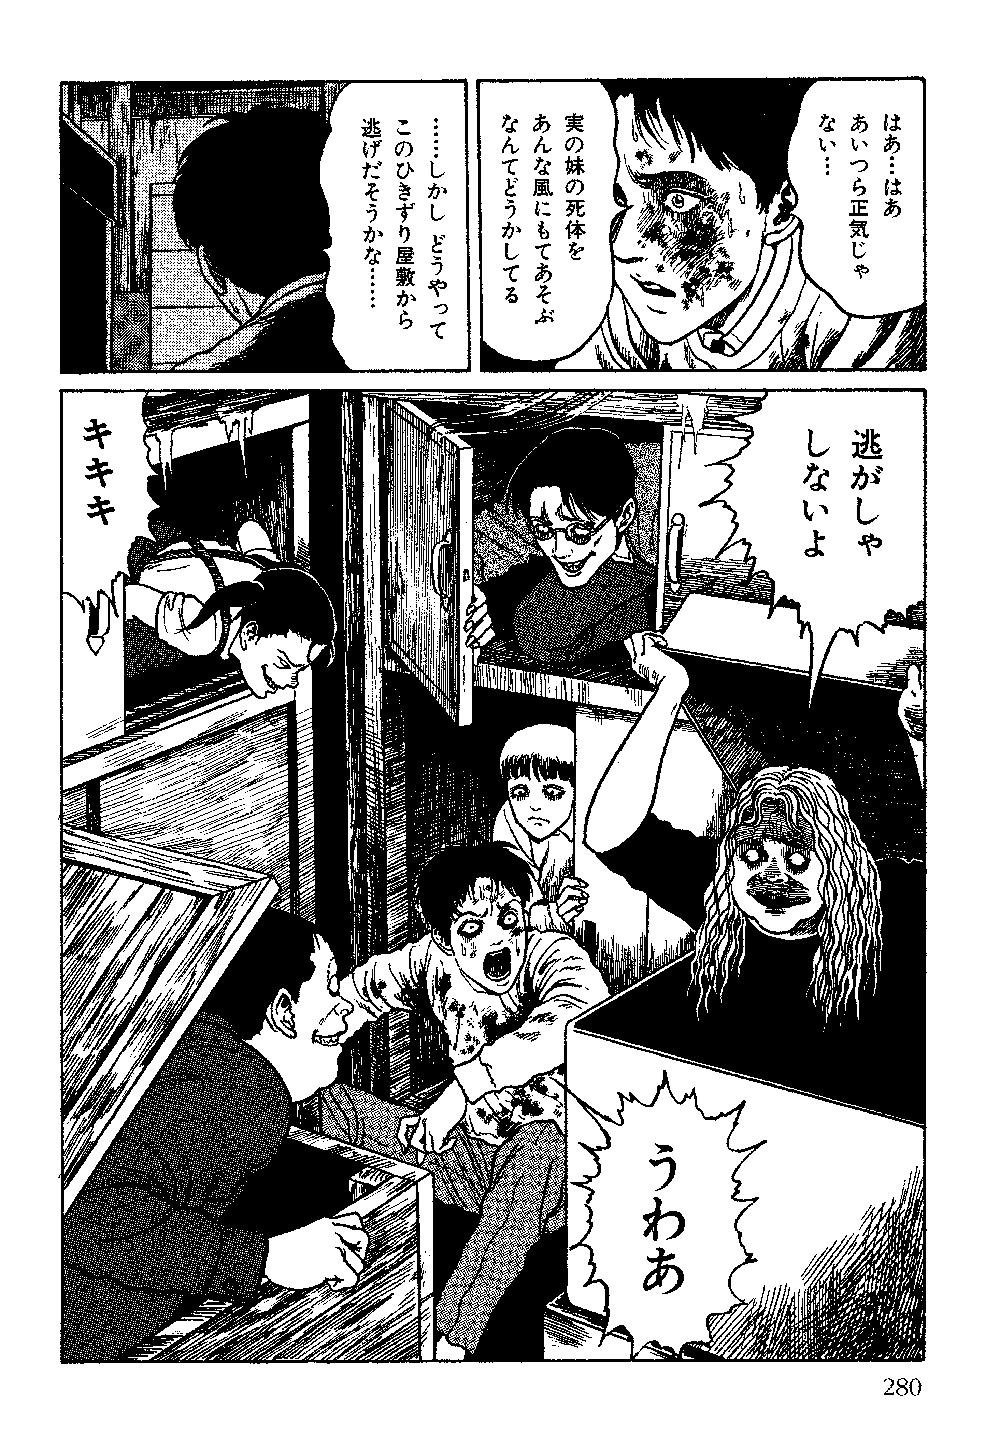 itouj_0004_0282.jpg